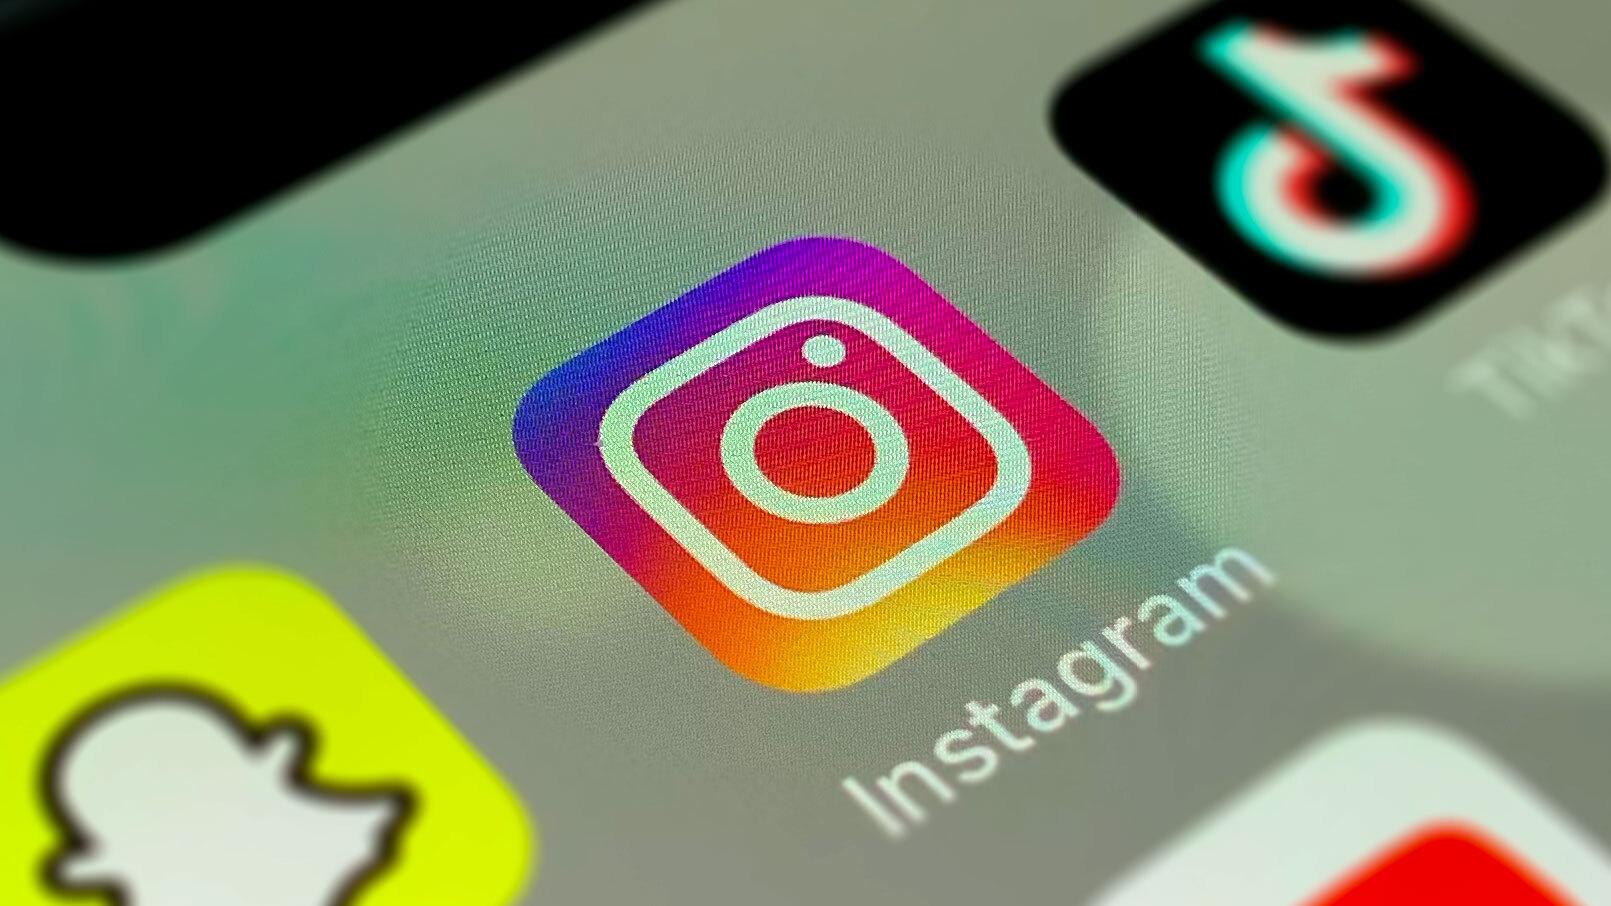 Instagram is ditching 'swipe-up' links in favor of stickers   TechCrunch